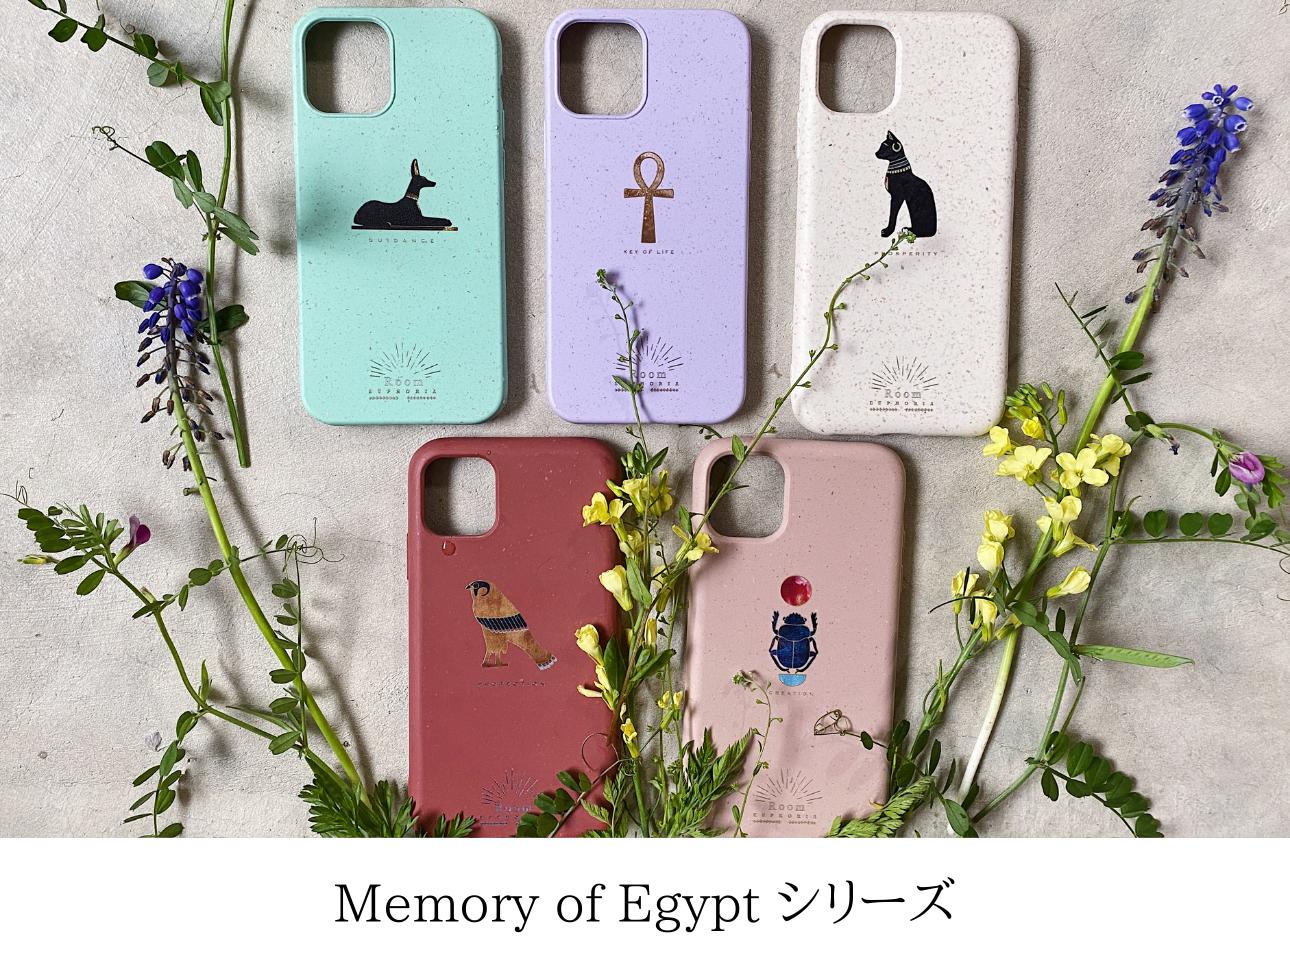 Memory of Egypt シリーズ